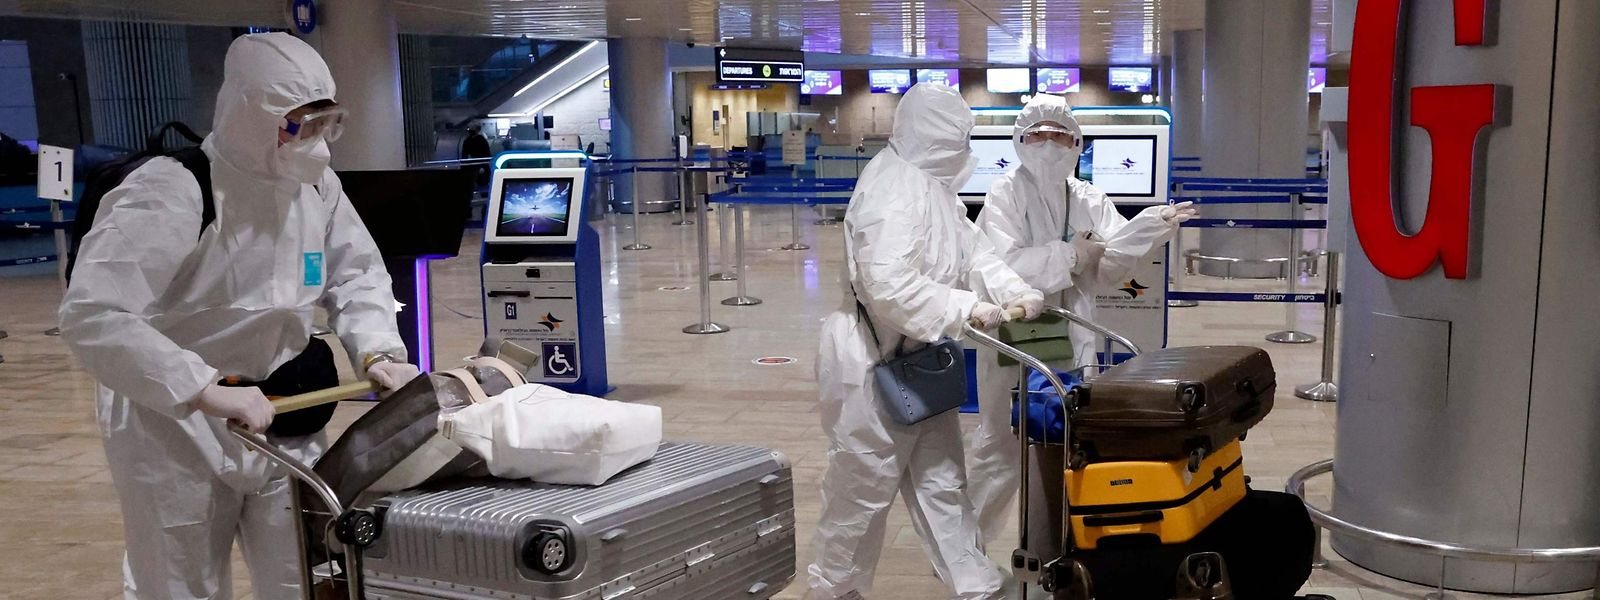 Sans aller jusqu'à la combinaison intégrale sans doute, le pays doit fixer les nouvelles modalités sanitaires d'entrer sur son territoire pour les voyageurs.